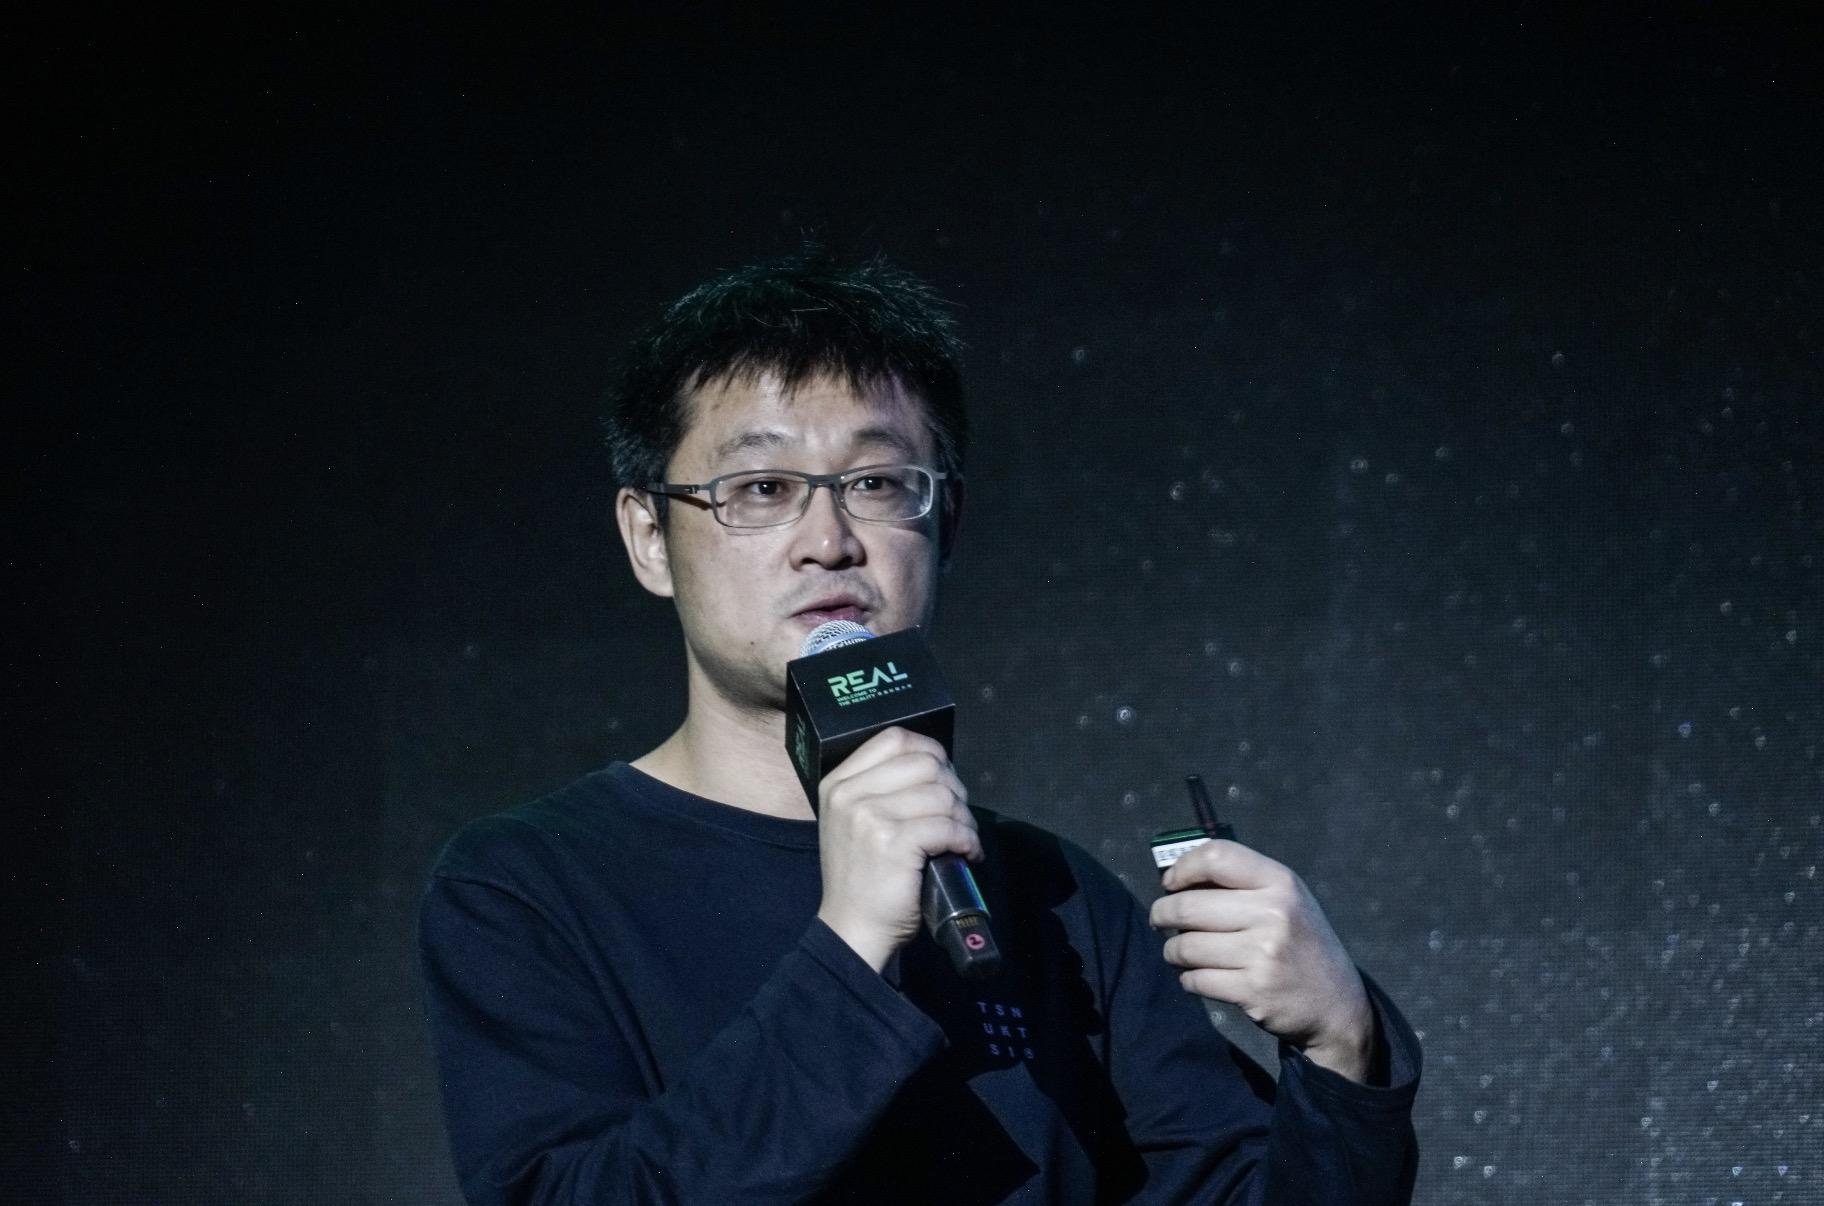 凤凰城平台对话小冰李笛:大量高度定制化的AI beings将成为社交新节点|REAL大会